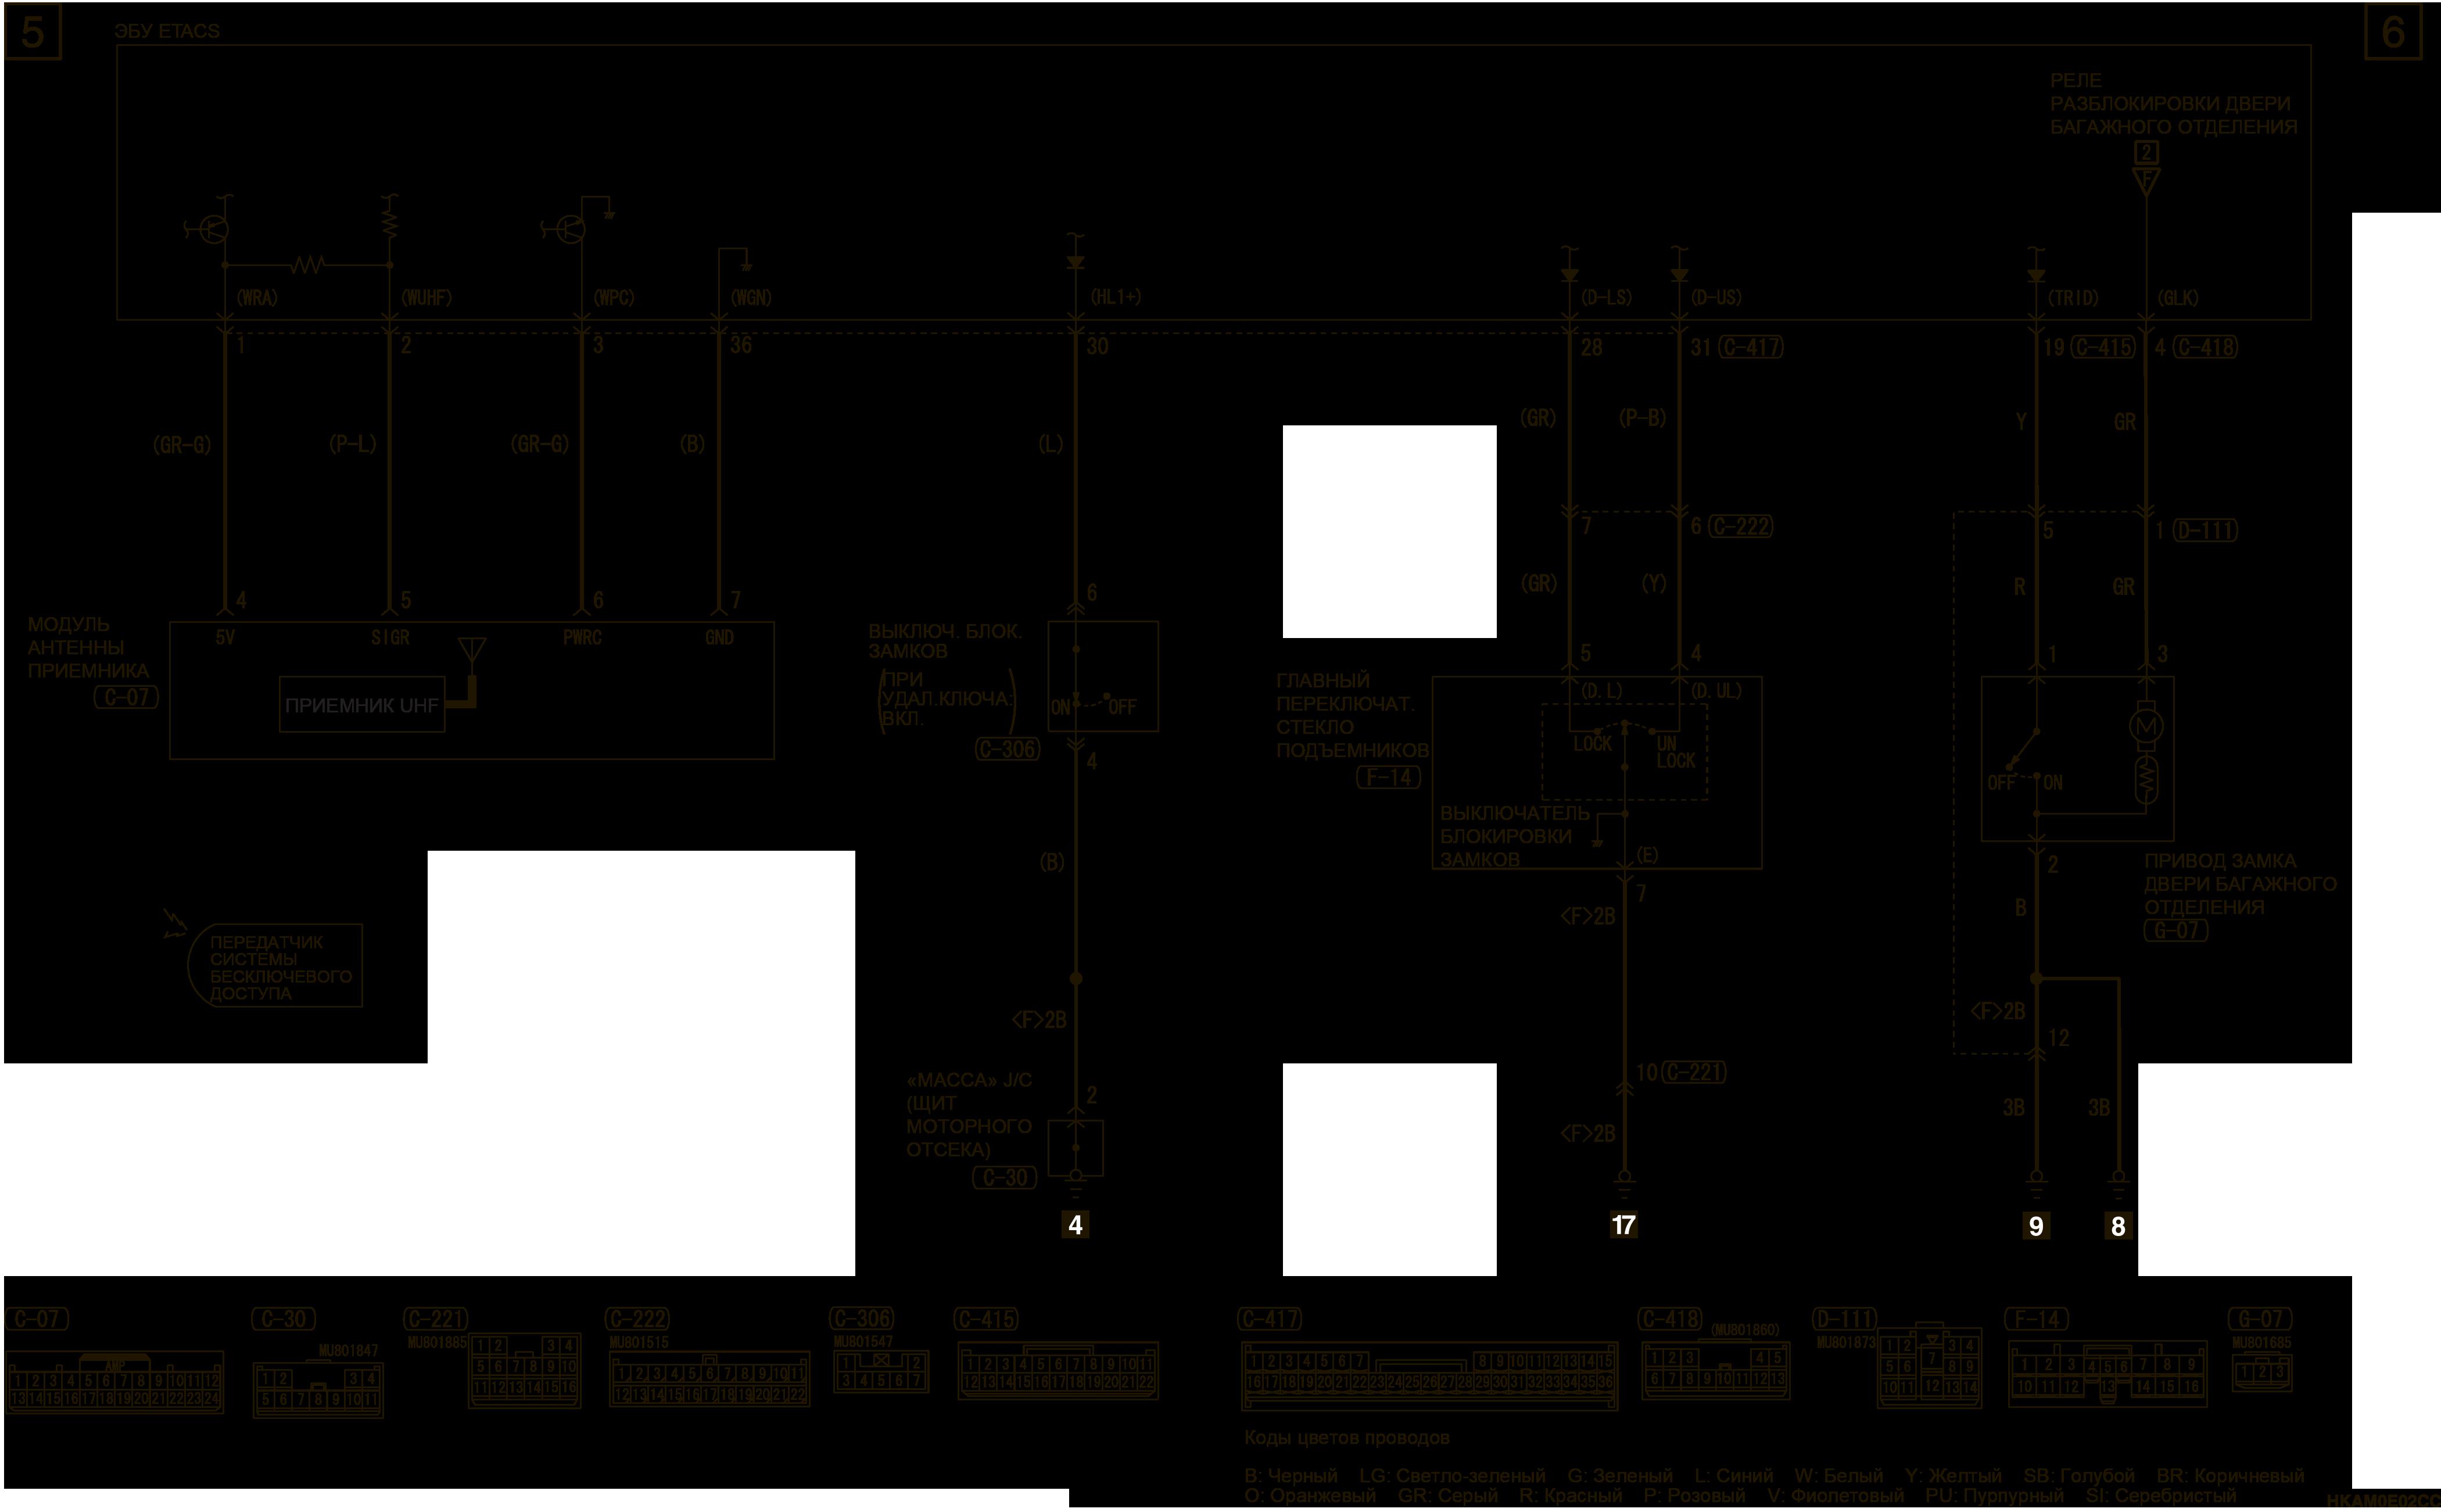 mmc аутлендер 3 2019 электросхемаСИСТЕМА ЦЕНТРАЛЬНОЙ БЛОКИРОВКИ ЗАМКОВ ДВЕРЕЙ АВТОМОБИЛИ БЕЗ СИСТЕМЫ KOS (ЛЕВАЯ СТОРОНА)